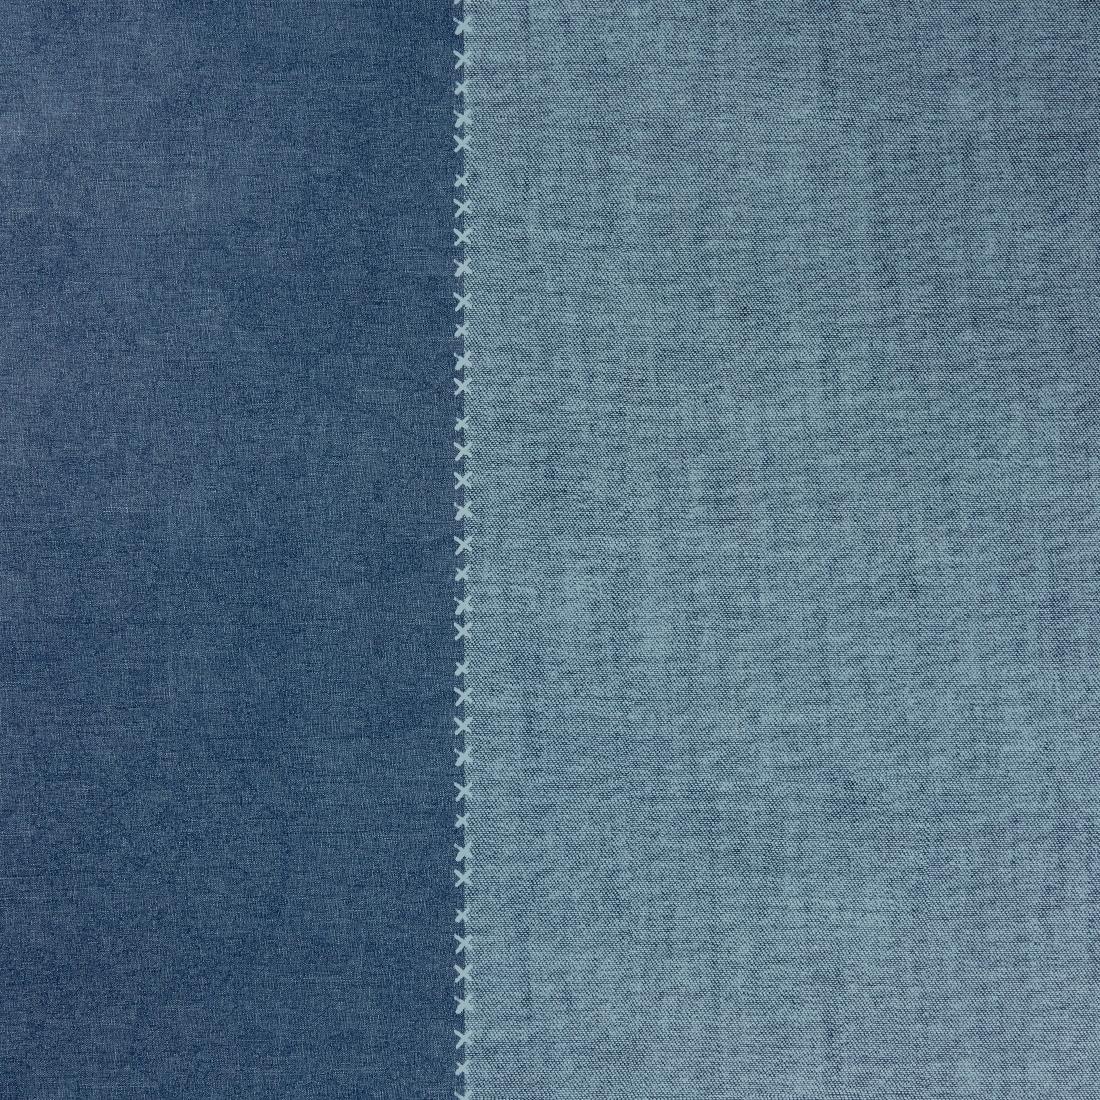 Ecru Denim Oil Cloth